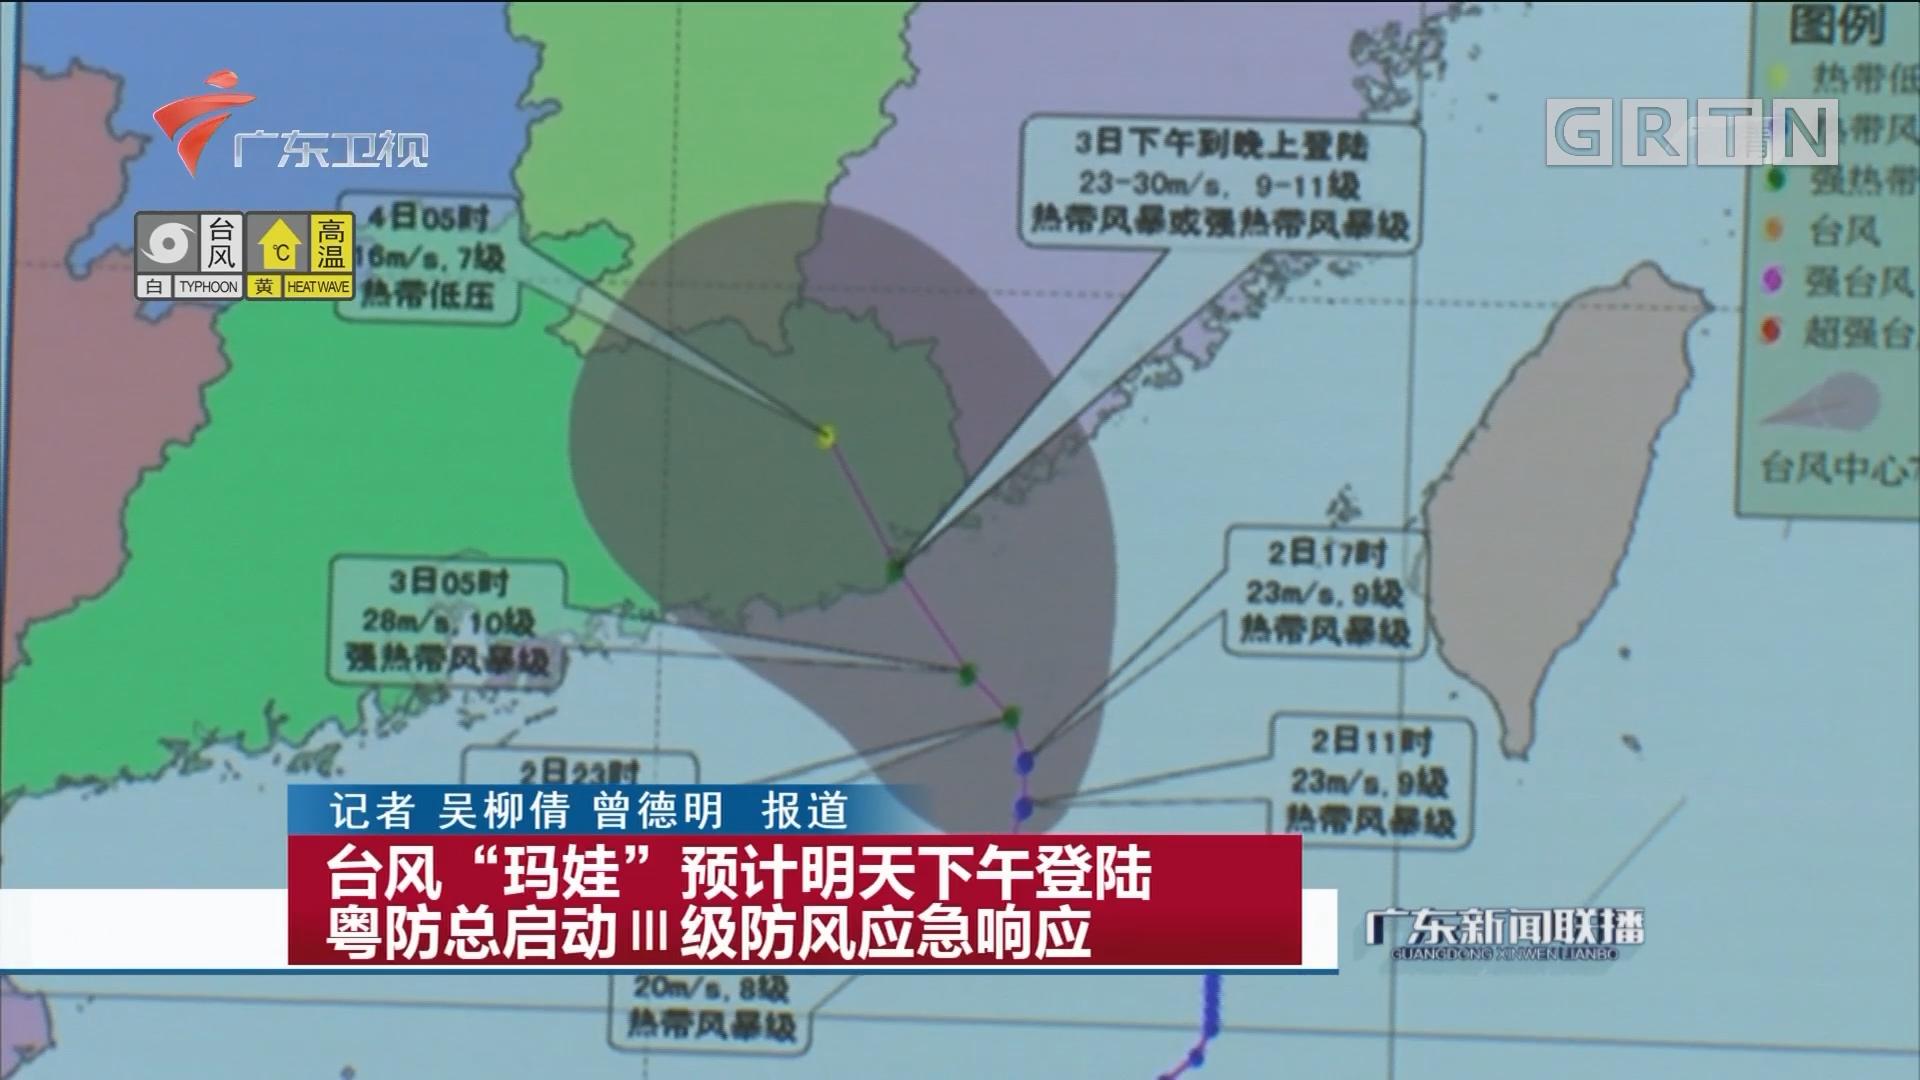 """台风""""玛娃""""预计明天下午登陆 粤防总启动Ⅲ级防风应急响应"""